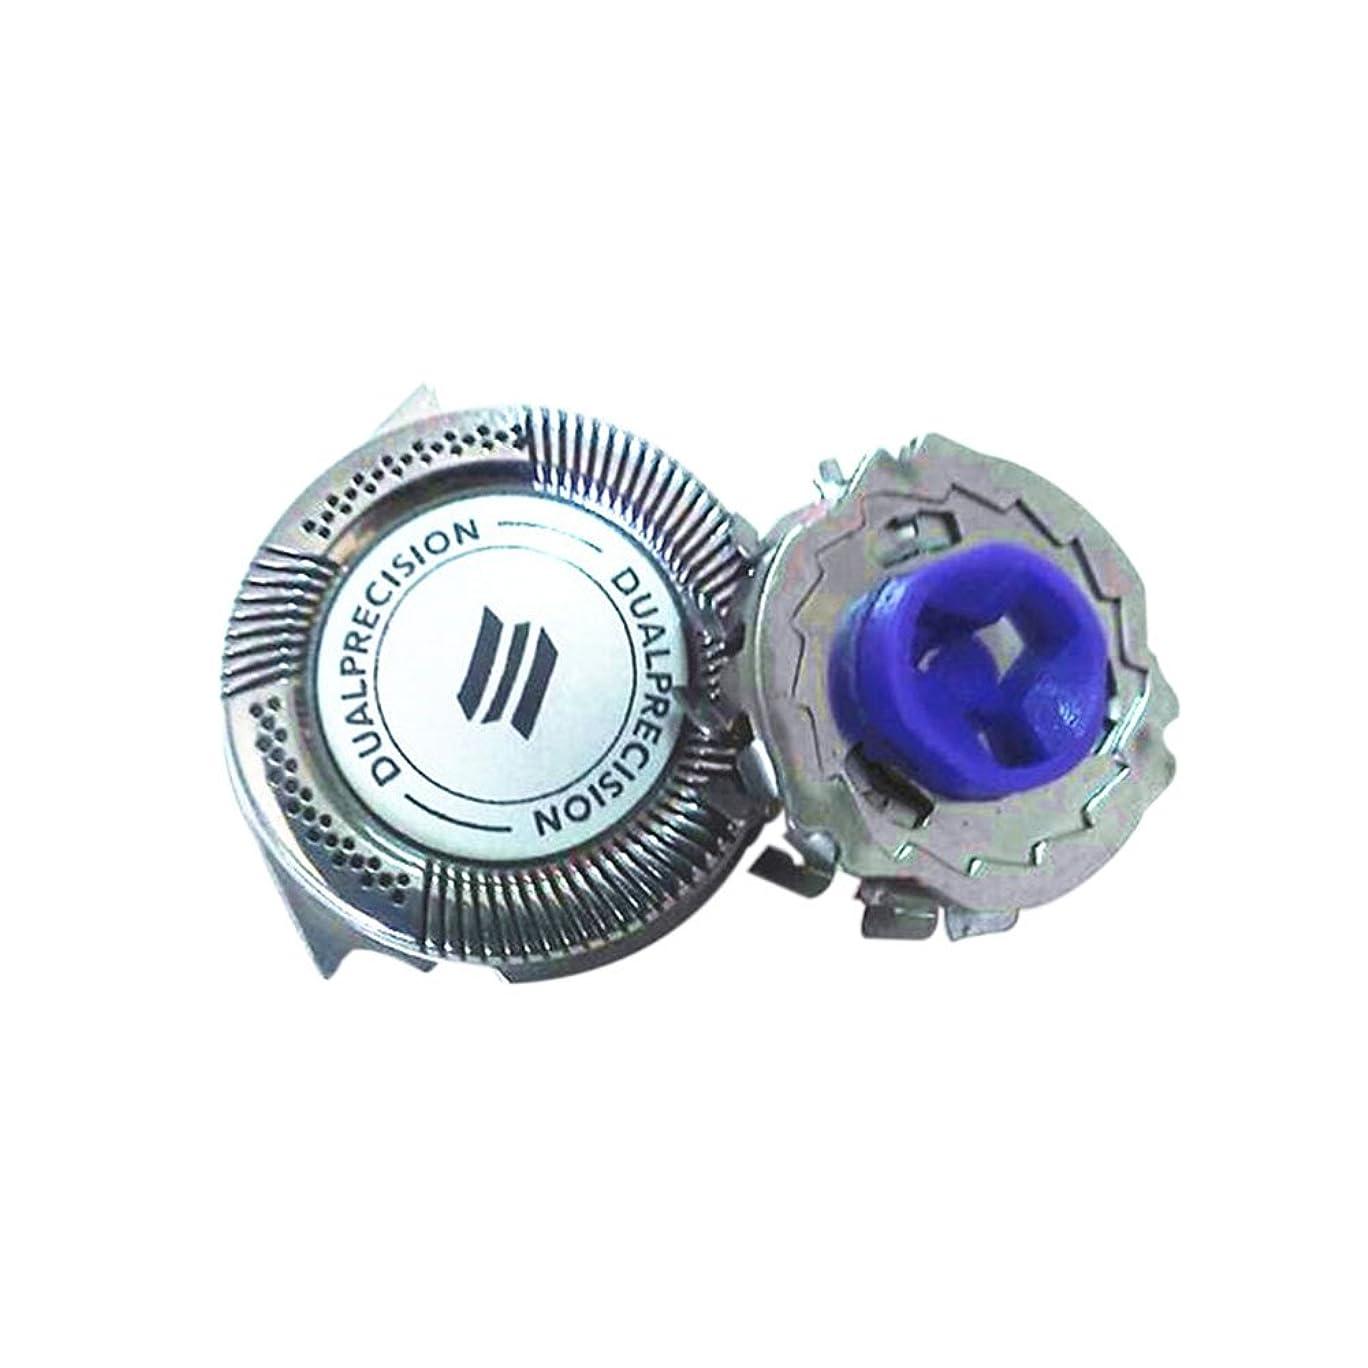 怒って変成器高度なHZjundasi Replacement シェーバー Razor Head for Philip PT725 7325XL AT750 HQ6070